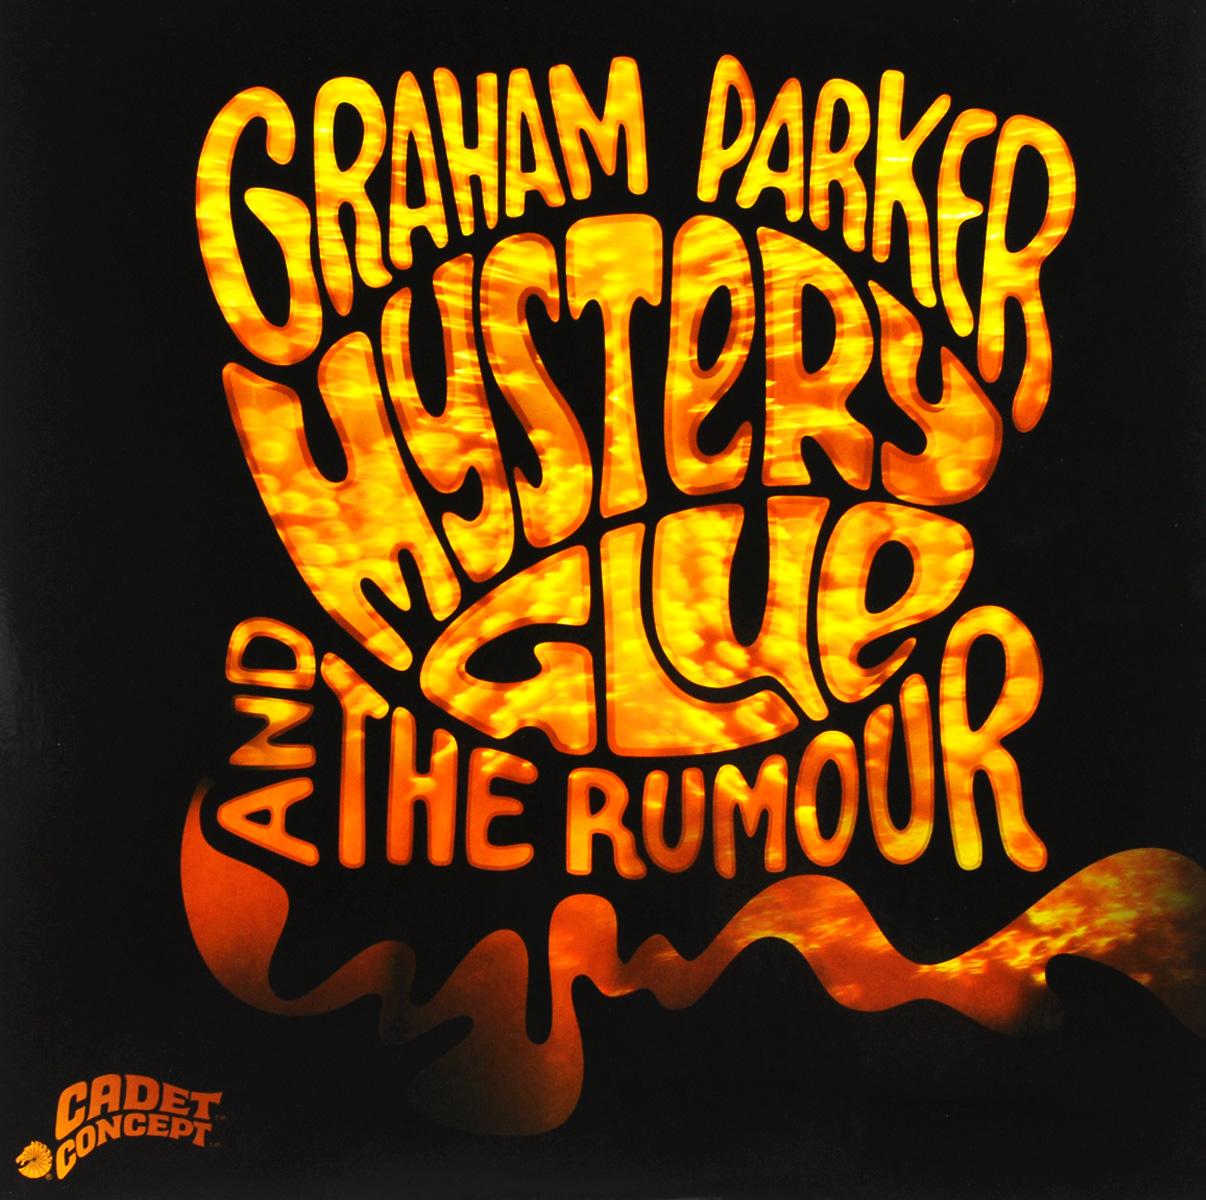 Грэхем Паркер,The Rumour Graham Parker & The Rumour. Mystery Glue (LP)